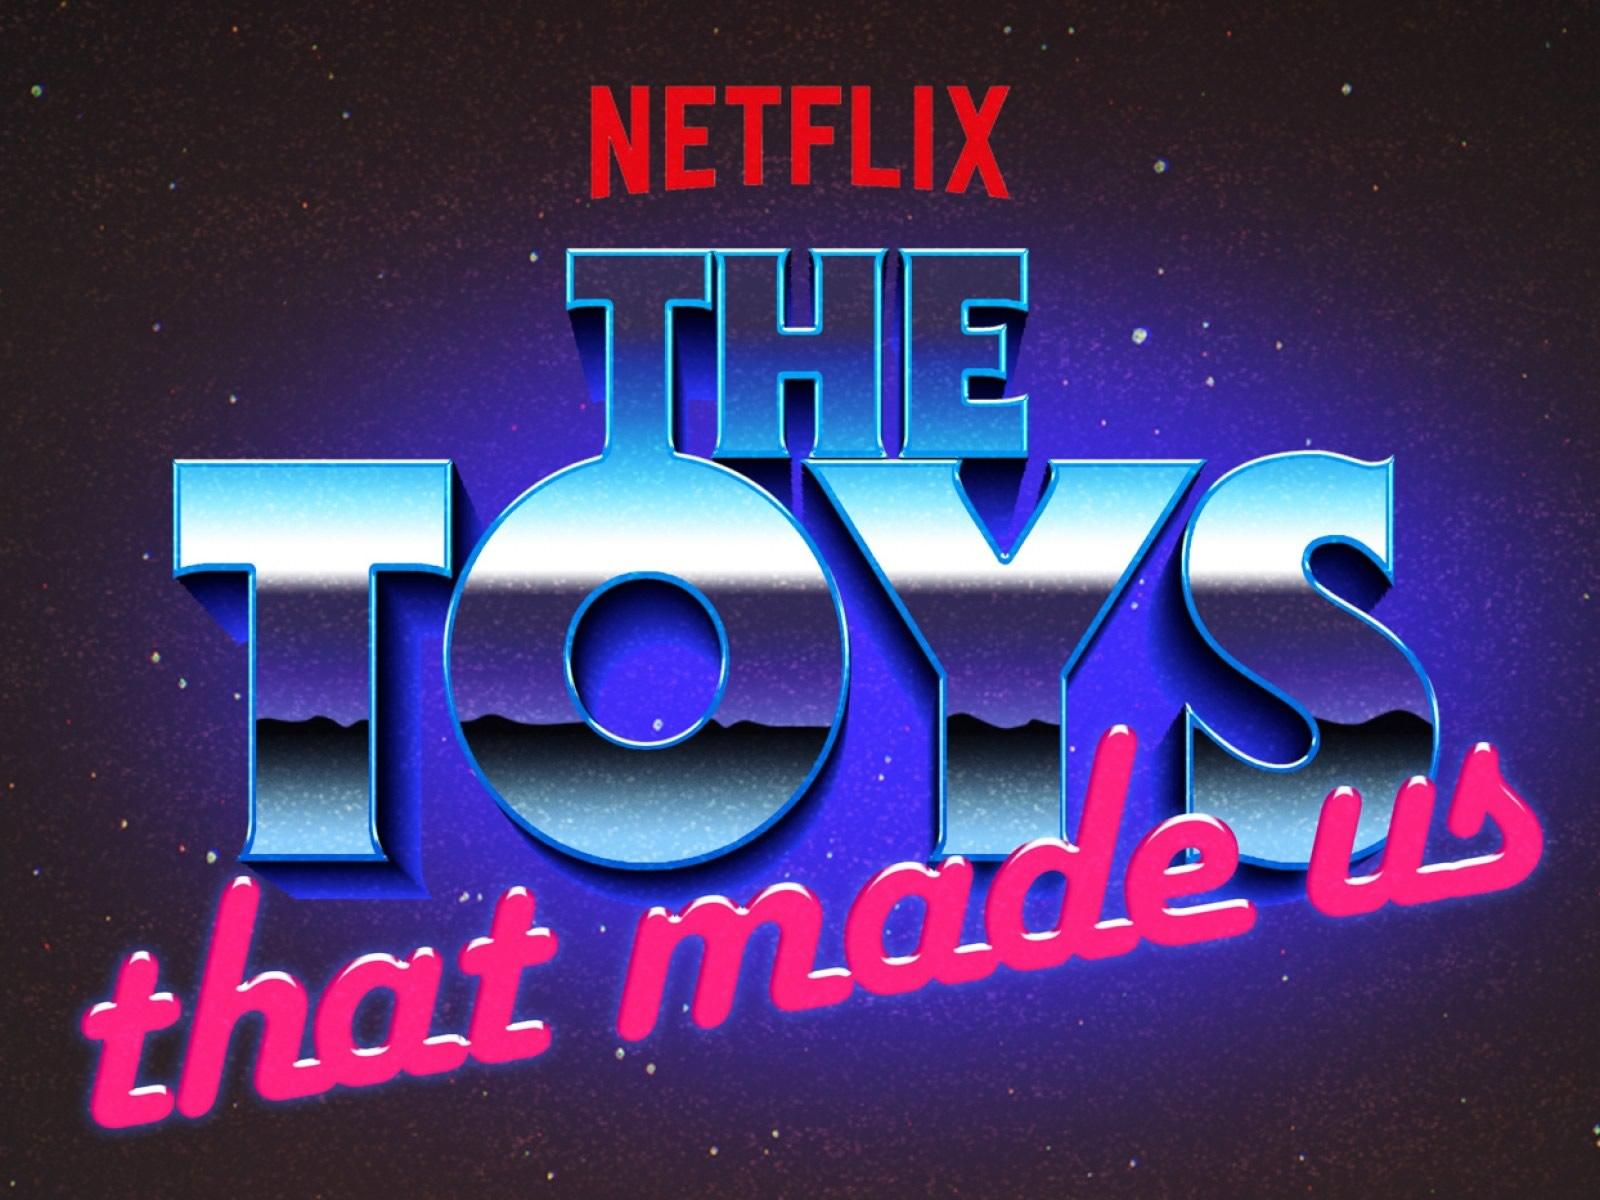 Brinquedos que Marcam Época | Série documental da Netflix